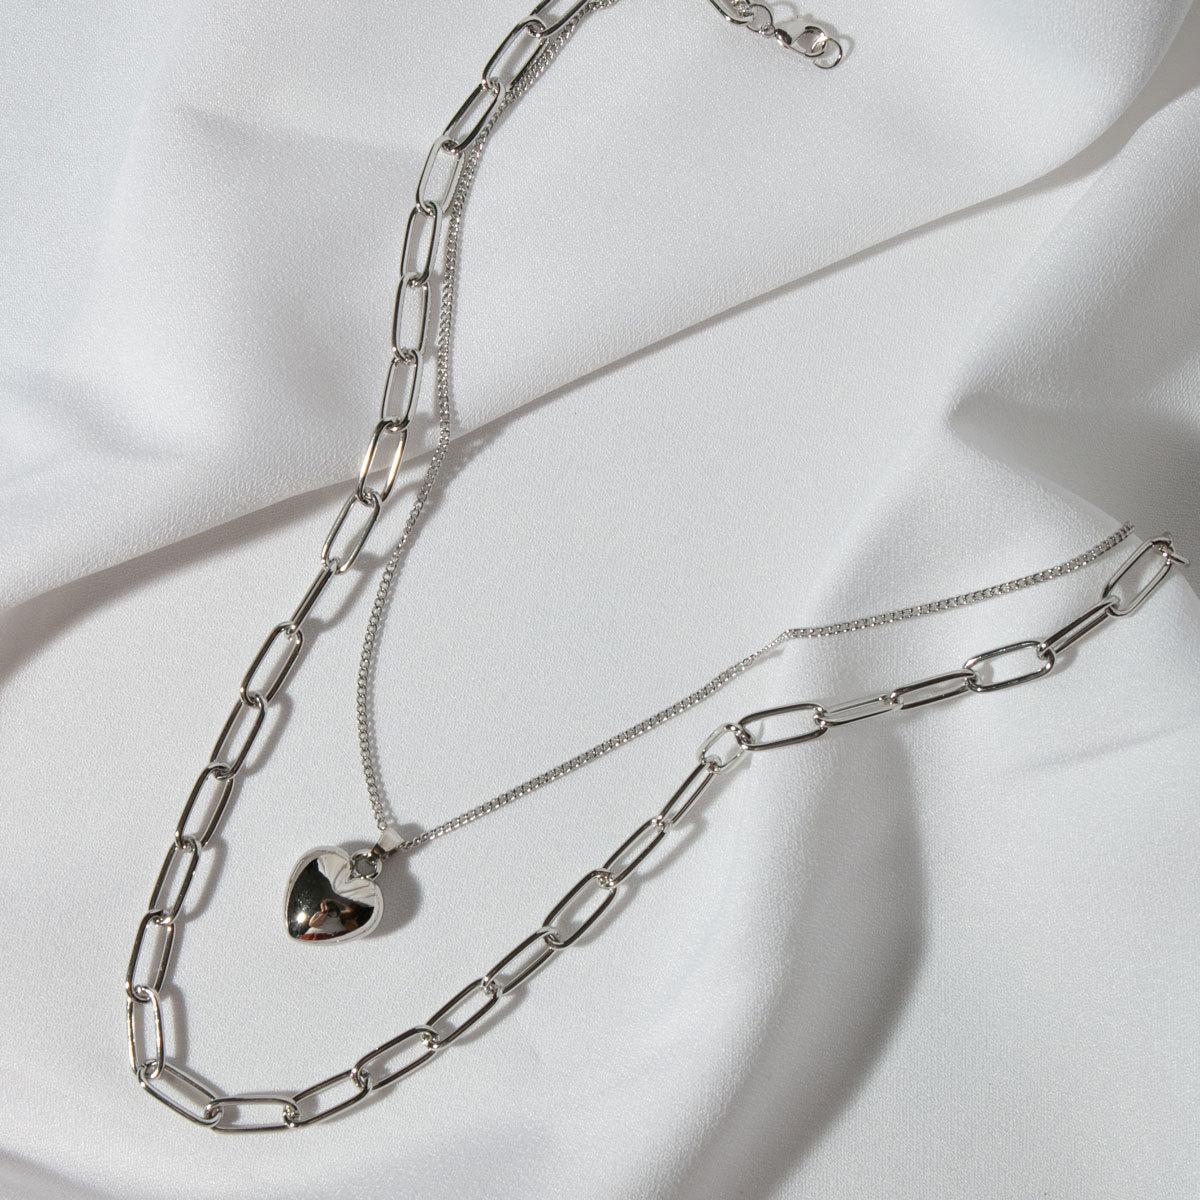 Колье двухрядное с цепью и кулоном-сердечком (серебристый)